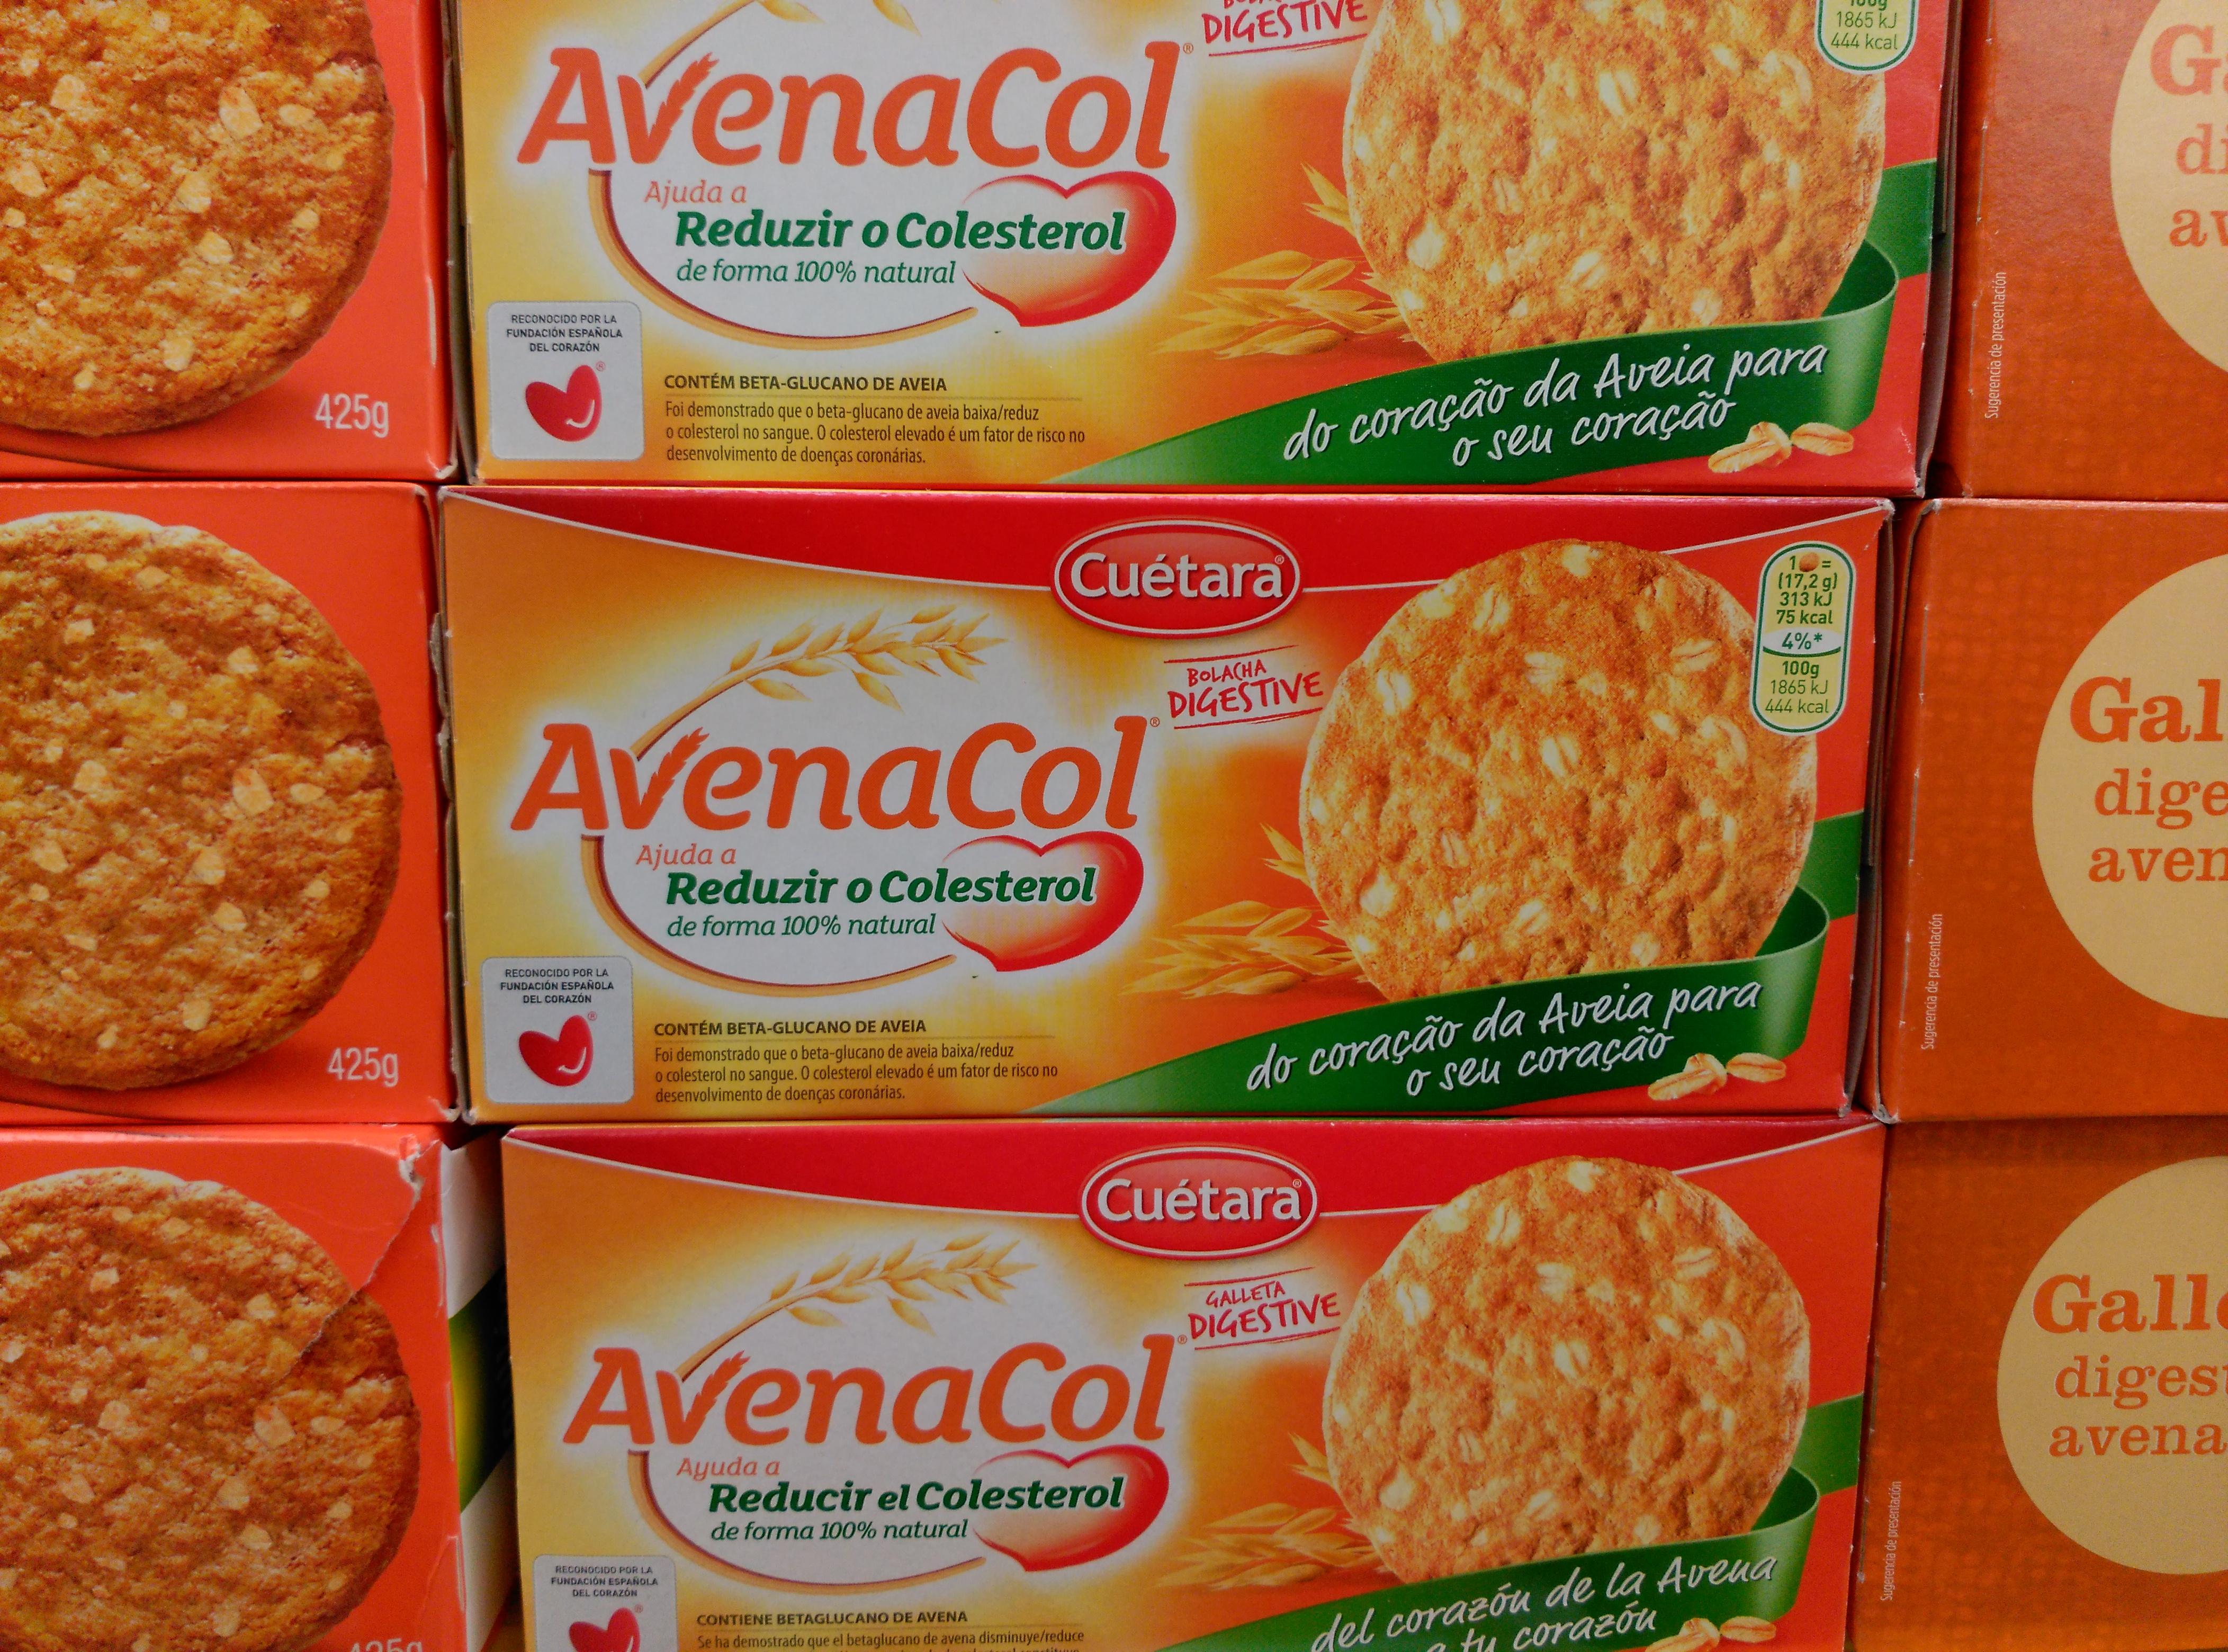 Las Galletas Avenacol Reducen El Colesterol Naturally Natalia